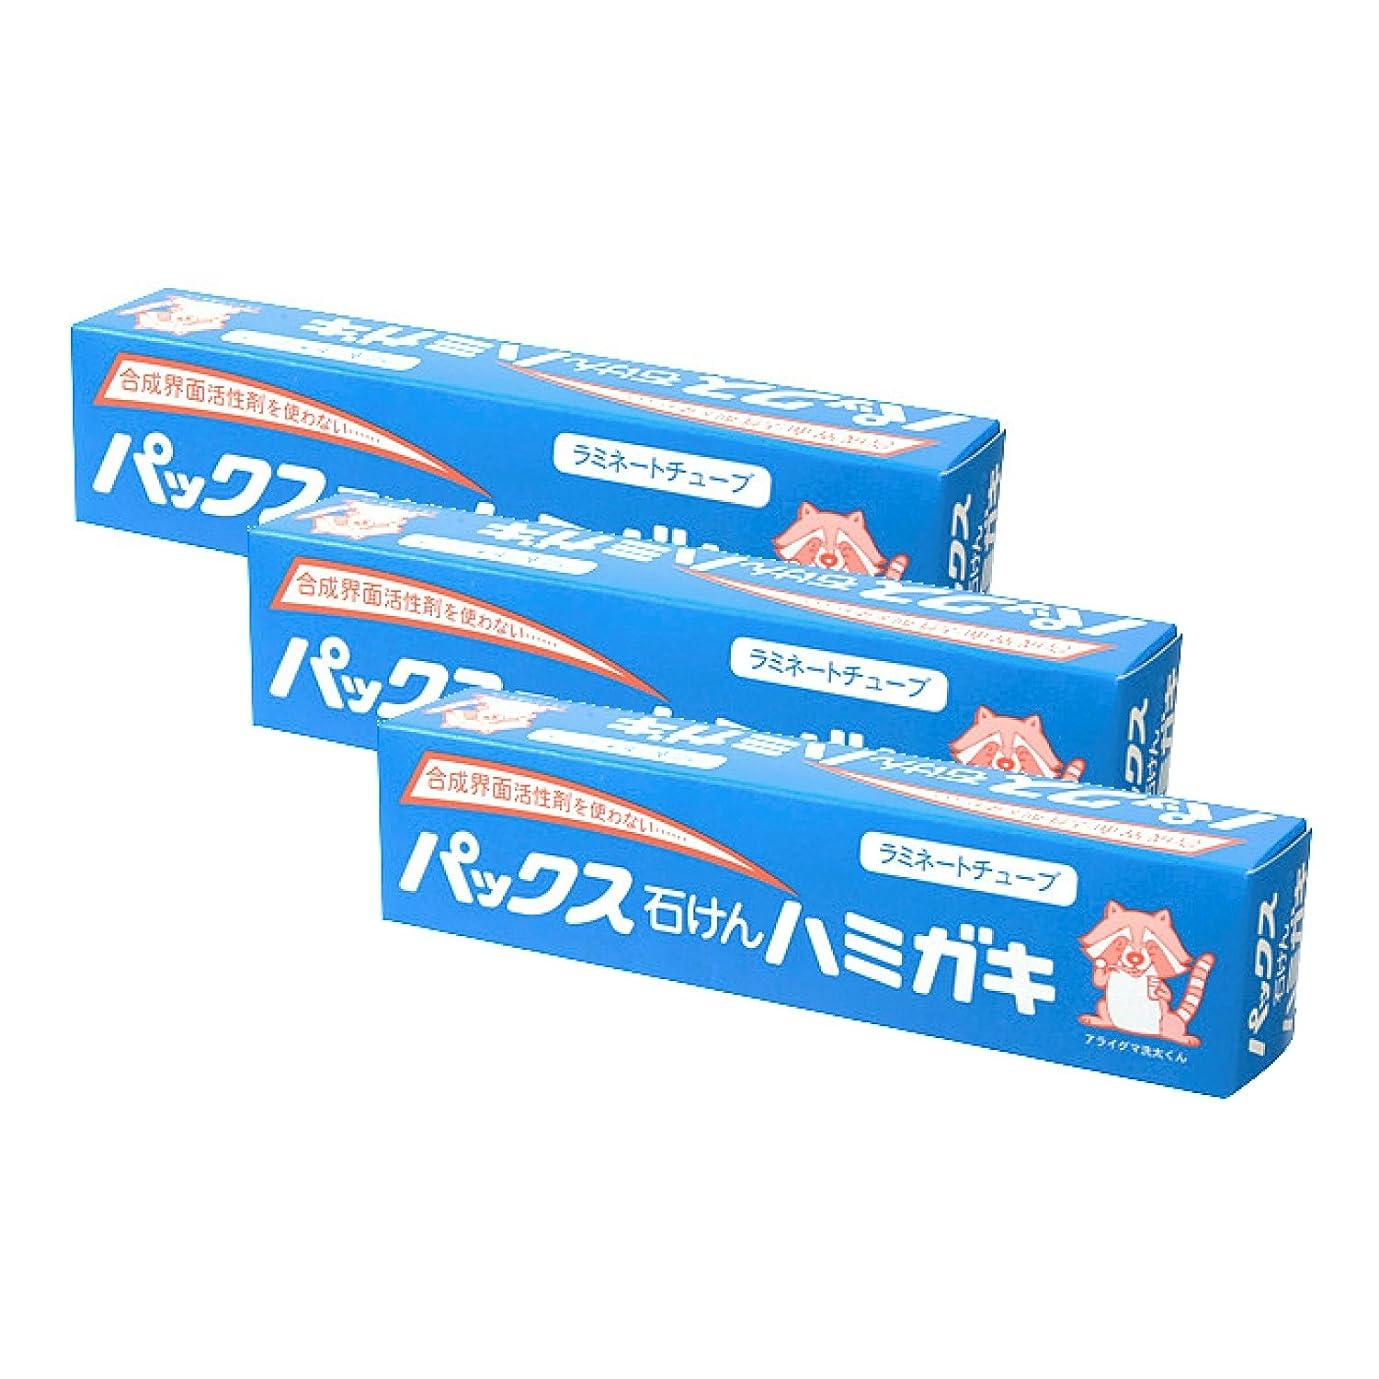 絶望的なボウリング繊維【まとめ買い】パックス石けんハミガキ 140g×3